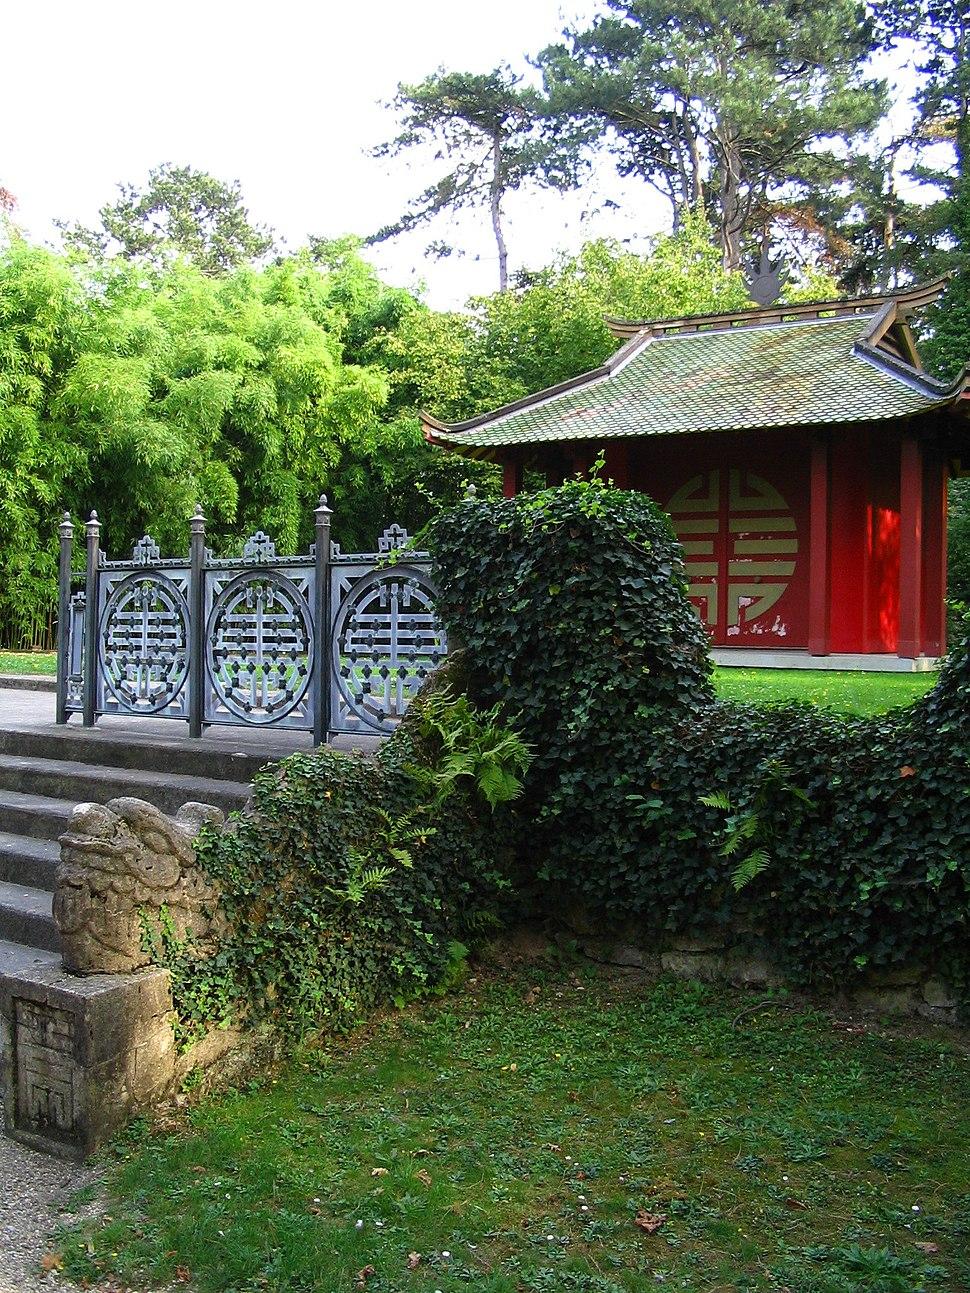 Bois de vincennes howling pixel - Pavillon de jardin ...